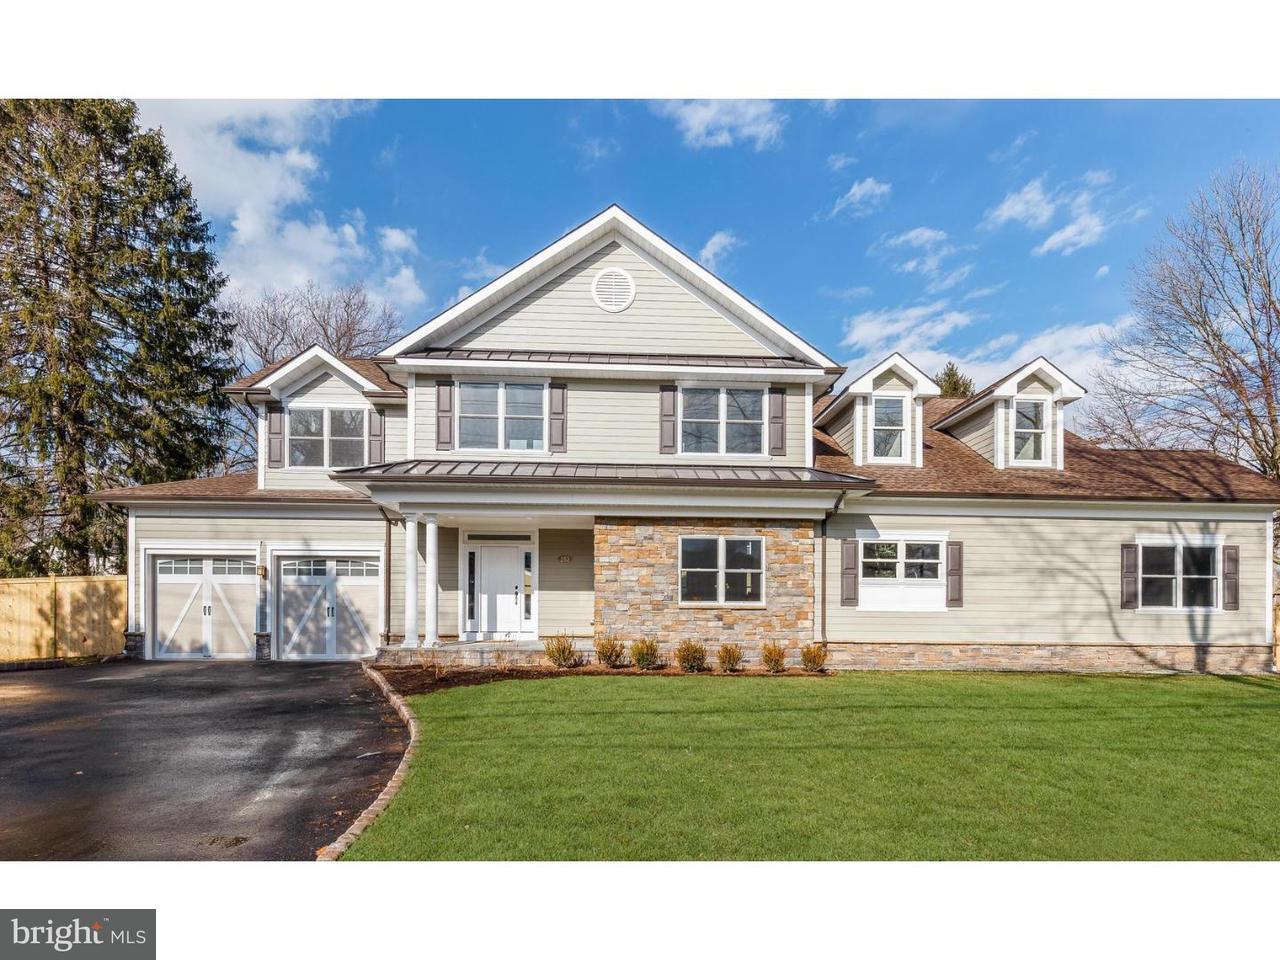 Частный односемейный дом для того Аренда на 252 TERHUNE Road Princeton, Нью-Джерси 08540 Соединенные ШтатыВ/Около: Princeton